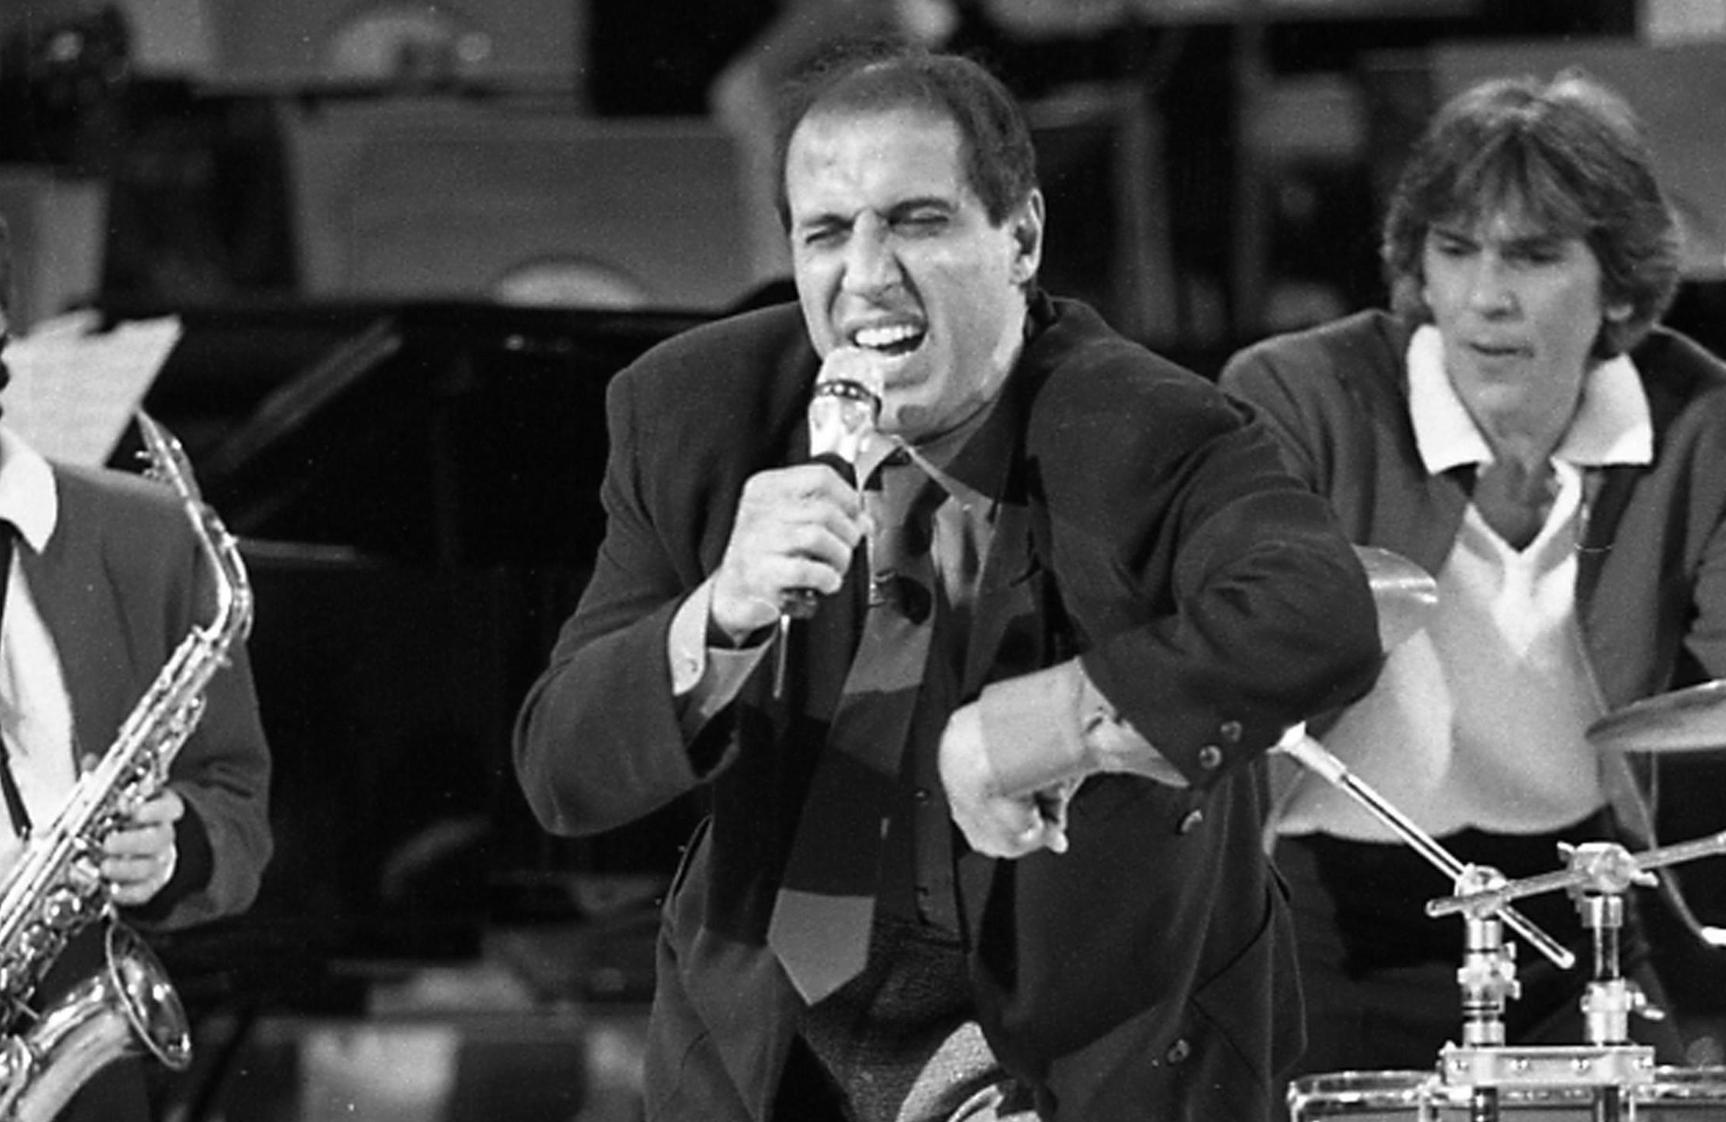 Adriano Celentano compie 80 anni, le canzoni più famose del molleggiato